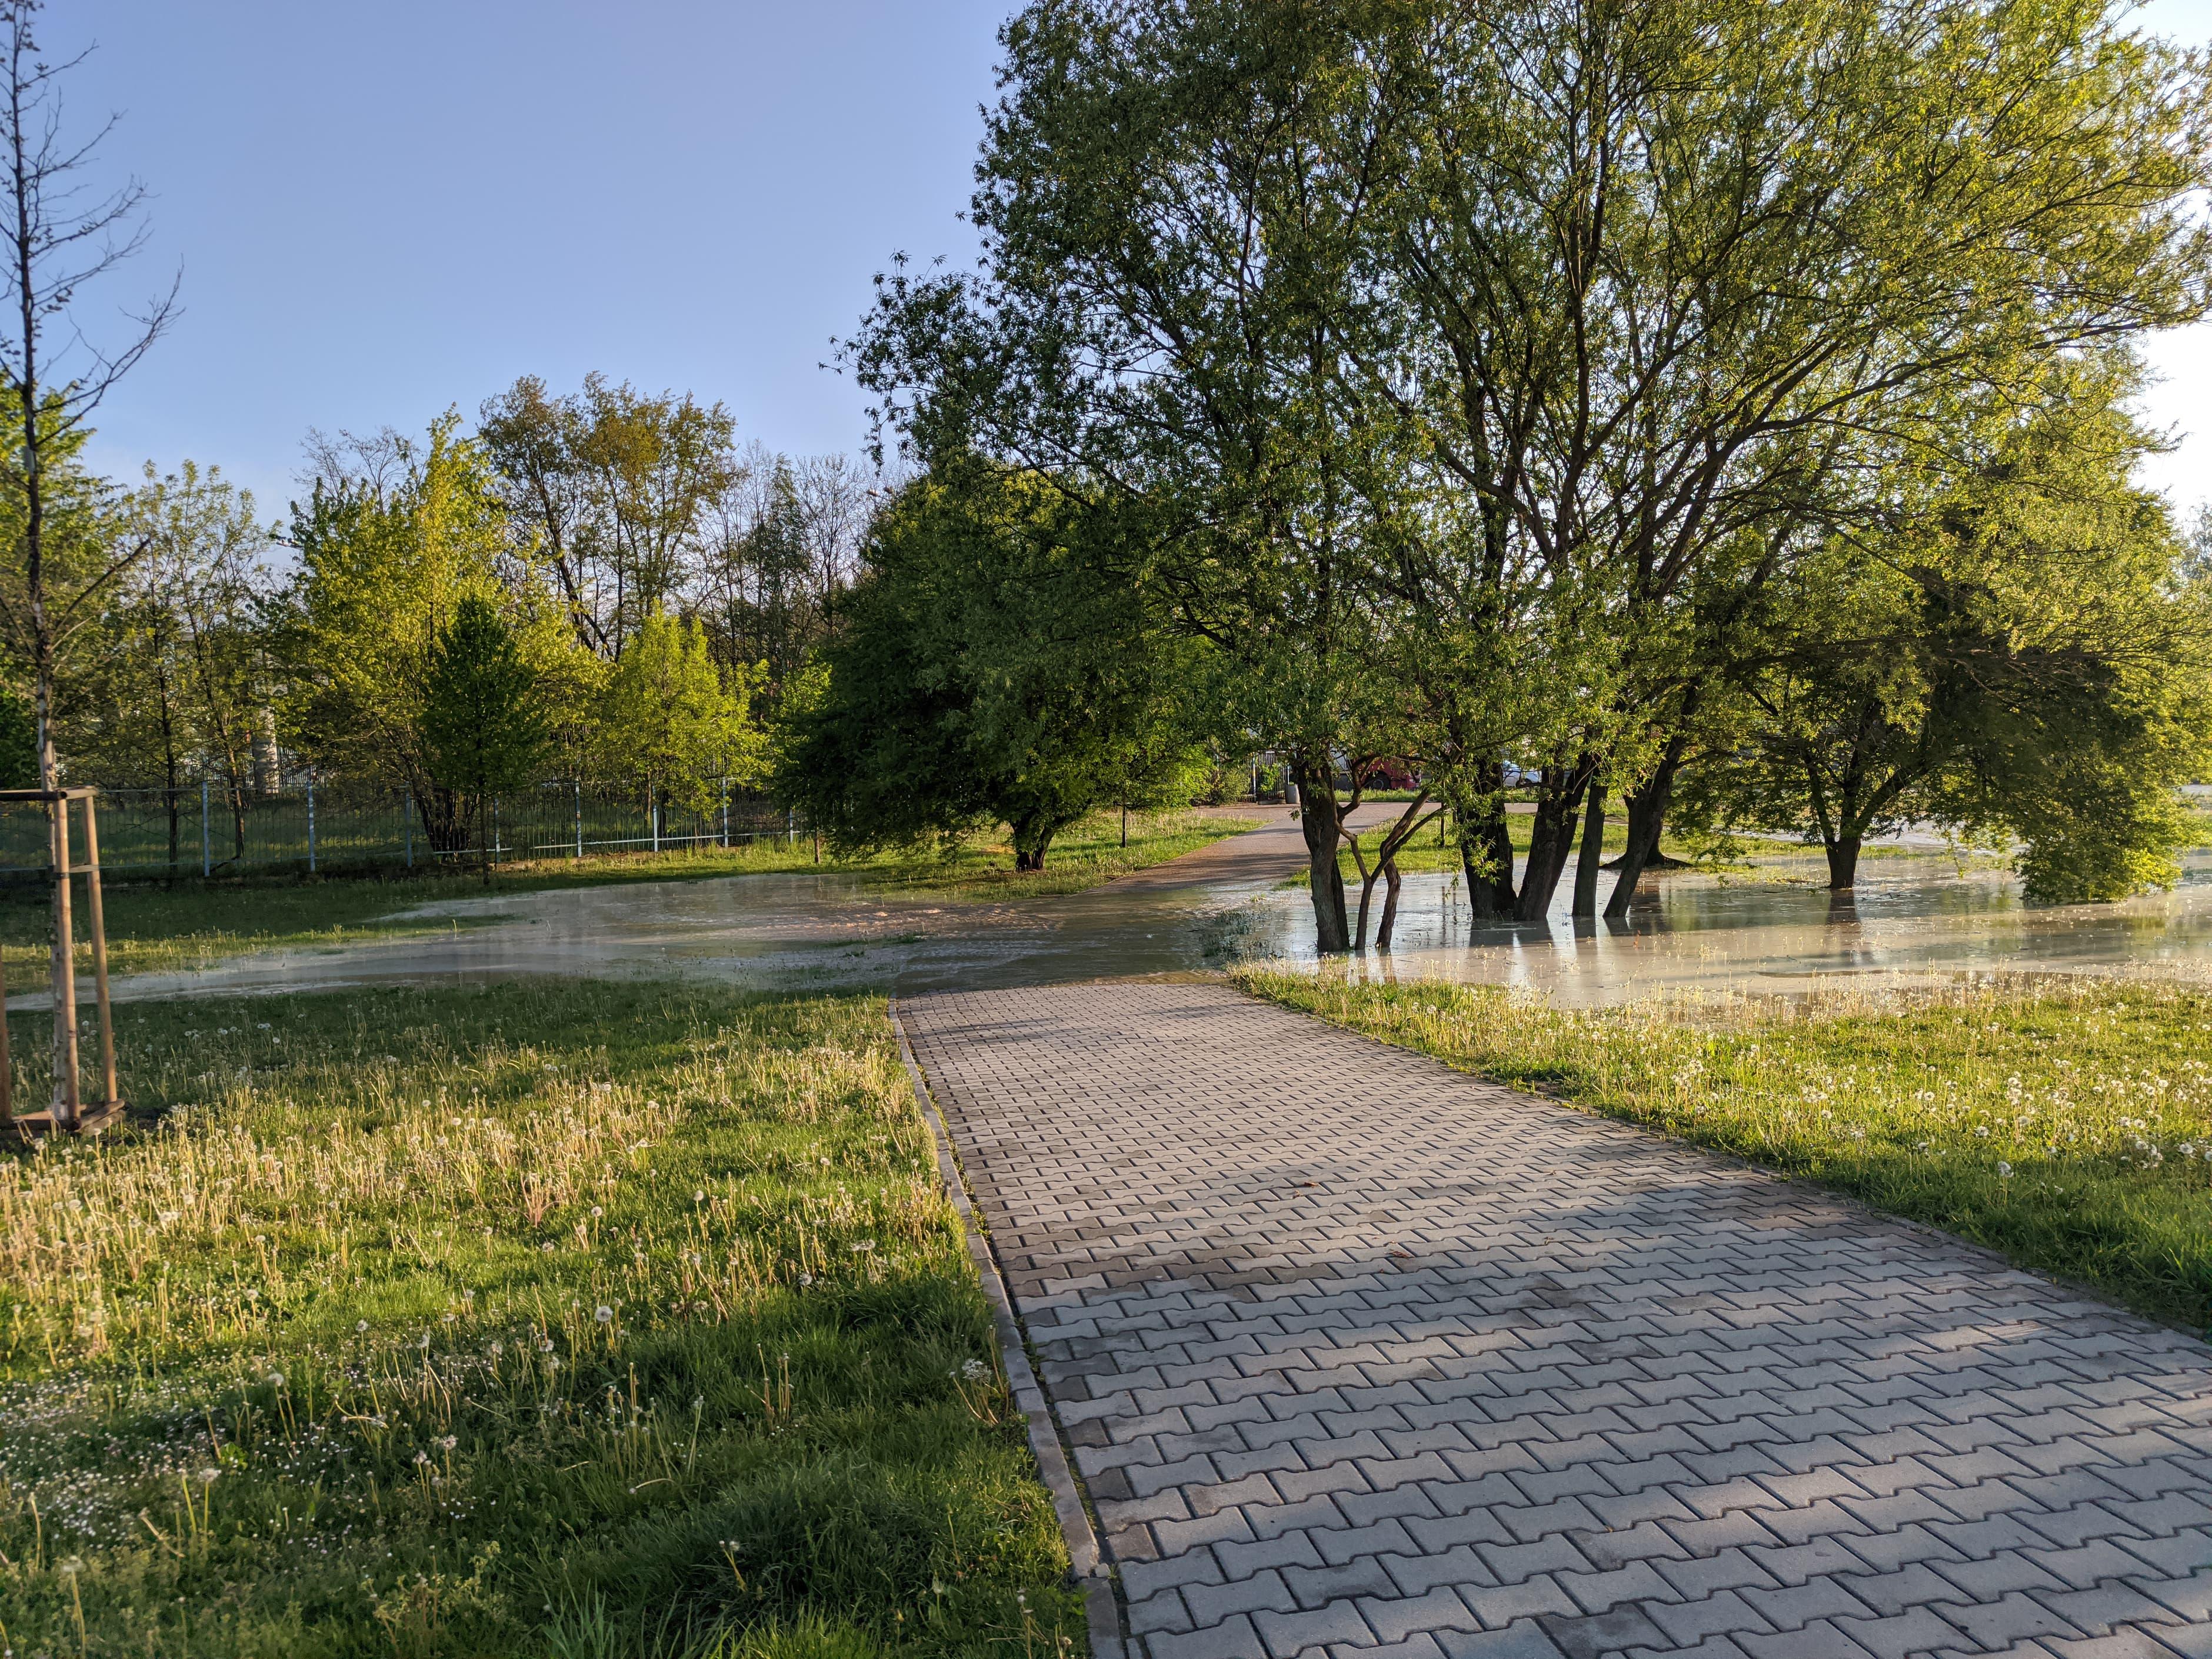 rzaka krakow awaria 6 150x150 - Awaria koło przystanku Jerzmanowskiego (Rżąka) - zdjęcia